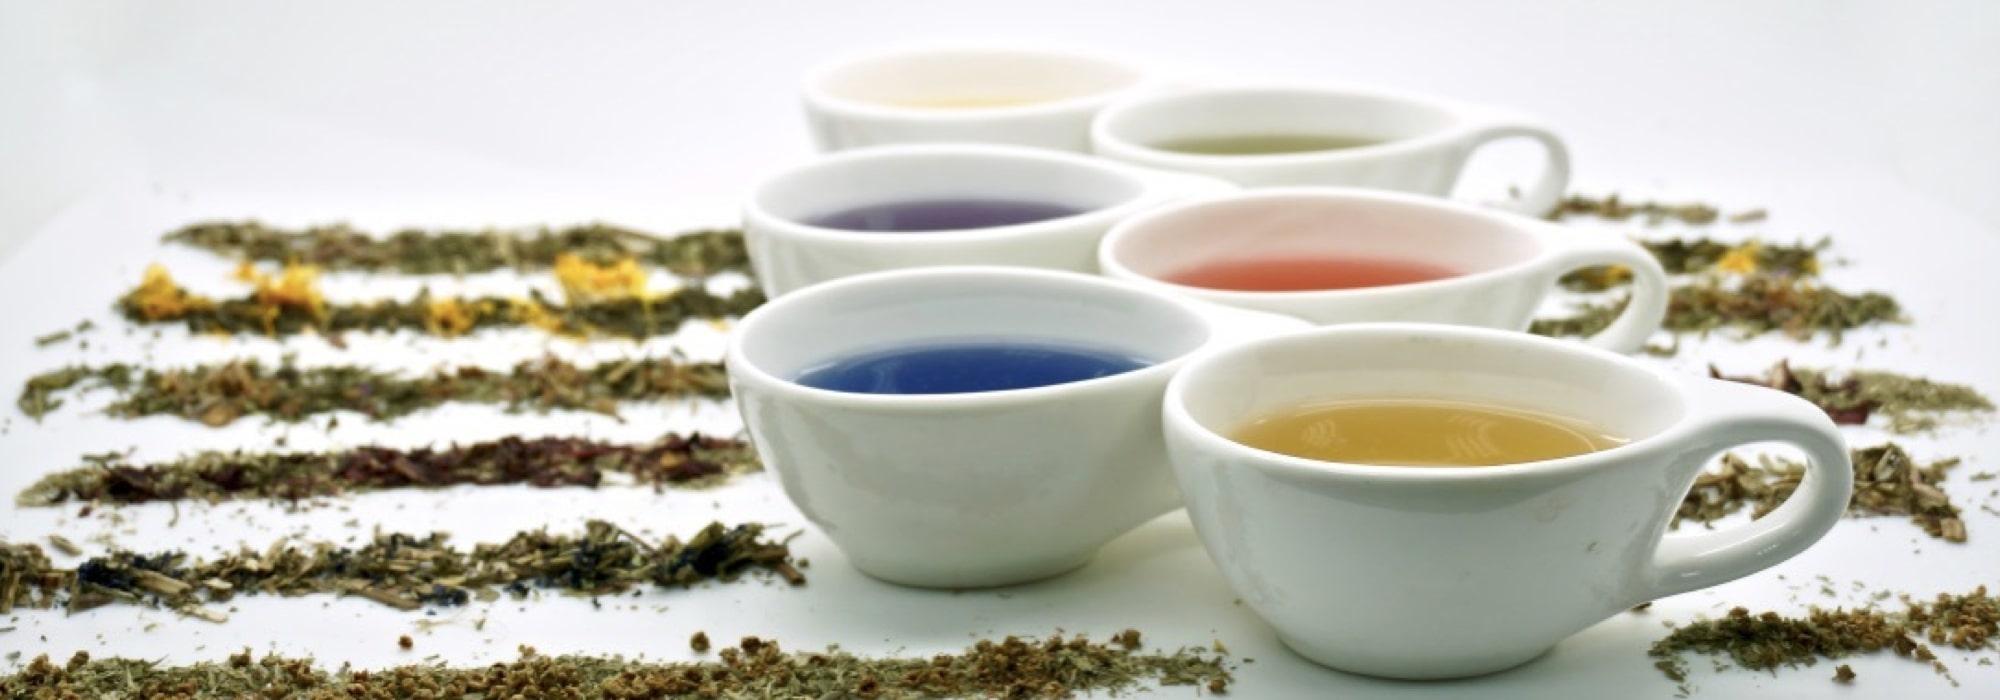 herbal tea, tea,floral,花茶,推薦